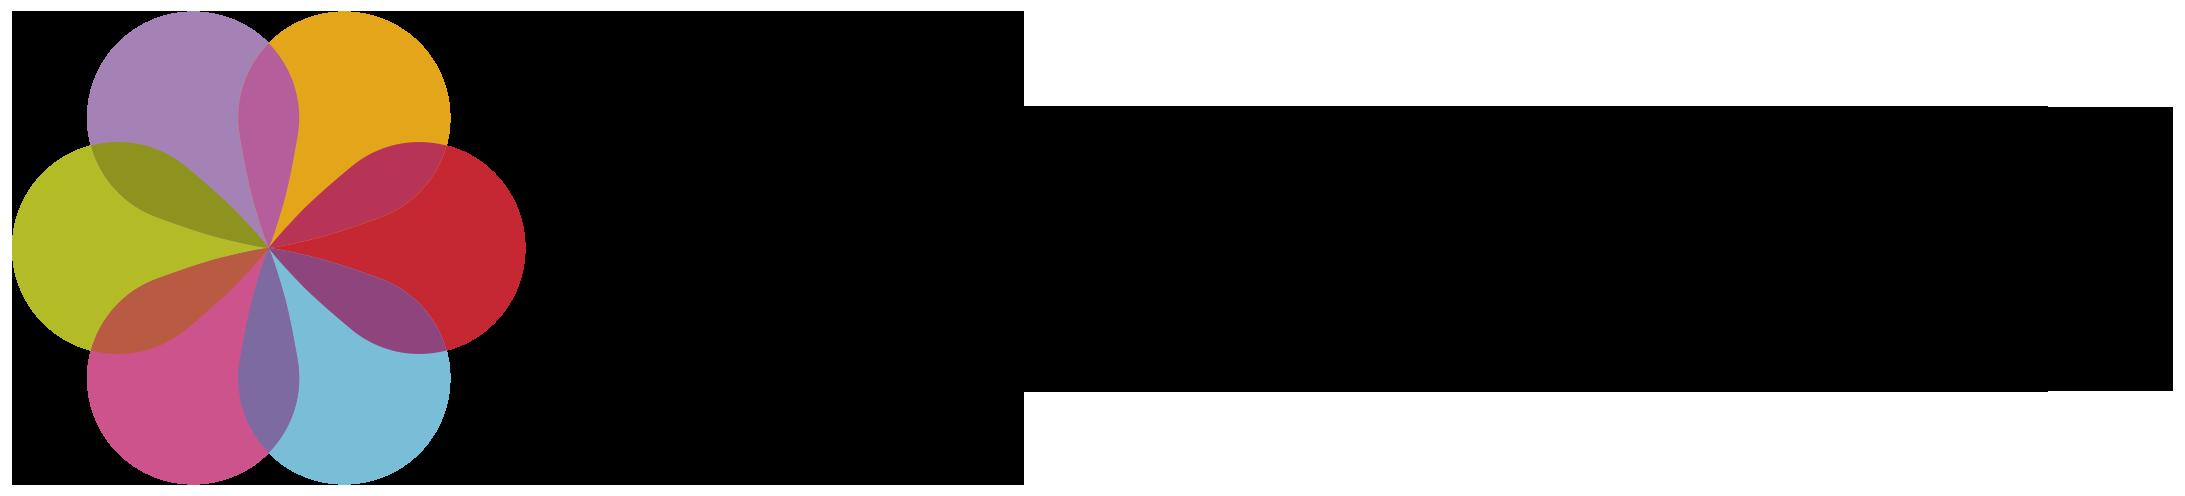 tassimo174genanvendelsesprogrammet 183 terracycle